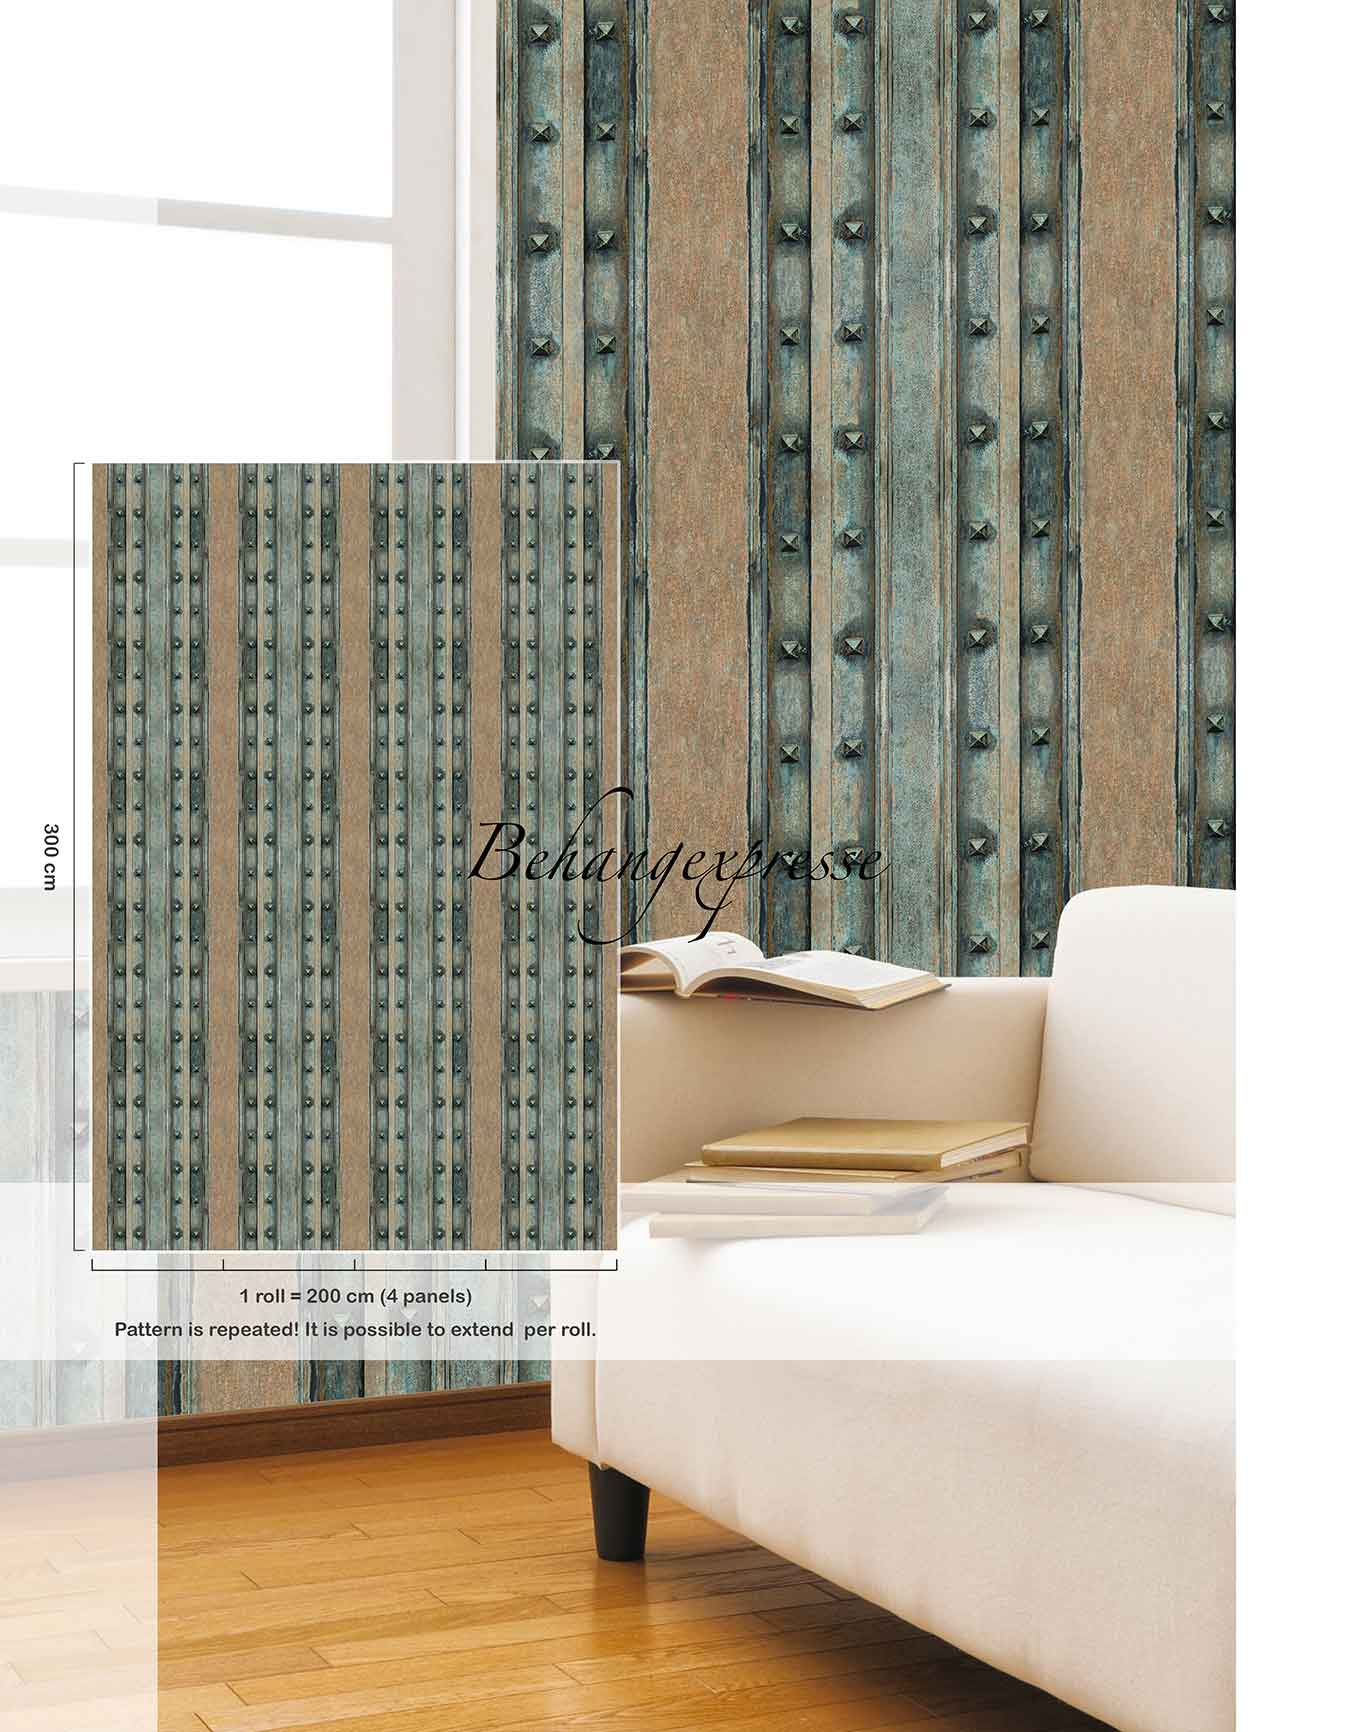 fototapete bildtapete f r wohnzimmer u schlafzimmer zum online kaufen. Black Bedroom Furniture Sets. Home Design Ideas